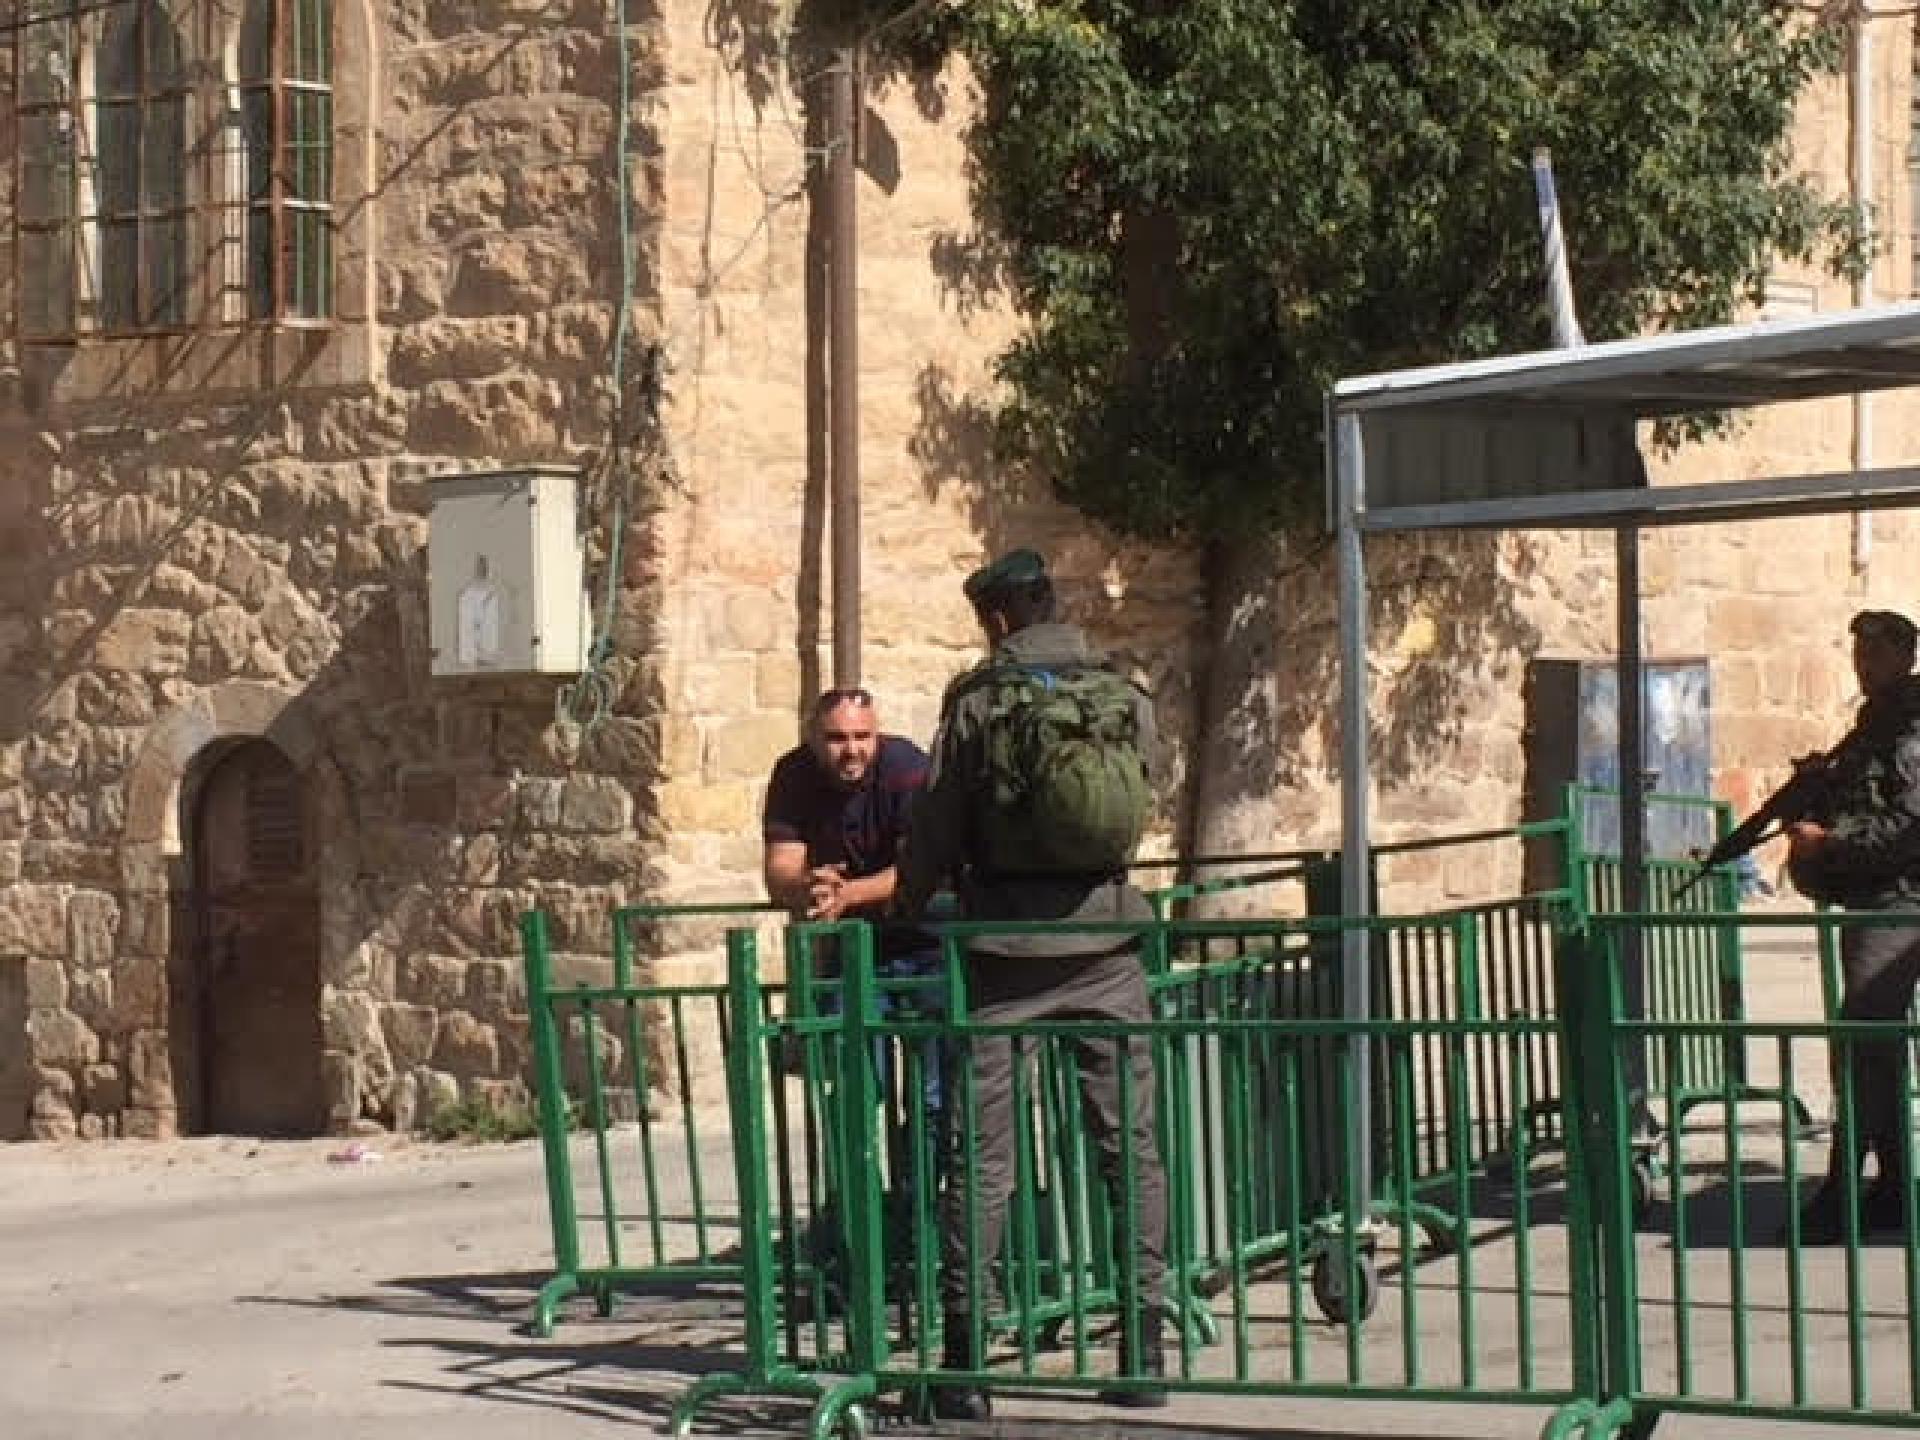 משמר הגבול שומר.התמונה צולמהמחנותו של עבד ליד מערת המכפלה